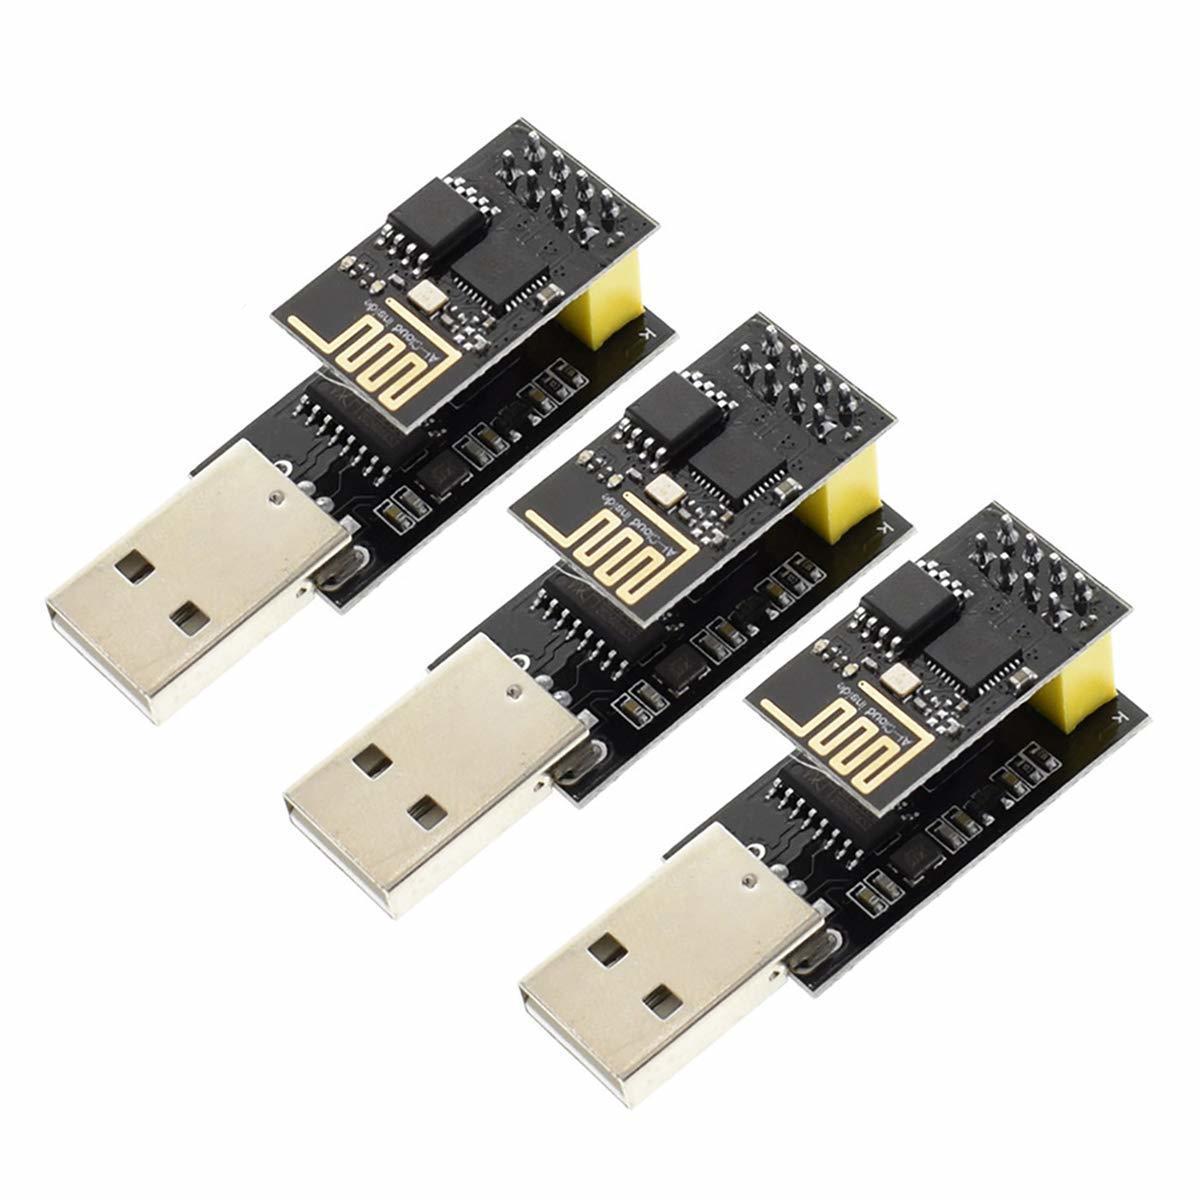 Esp-01 беспроводной приемопередатчик модуль с Usb к Esp8266 Esp01 адаптер для Arduino Uno R3 Mega2560 Nano Raspberry Pi